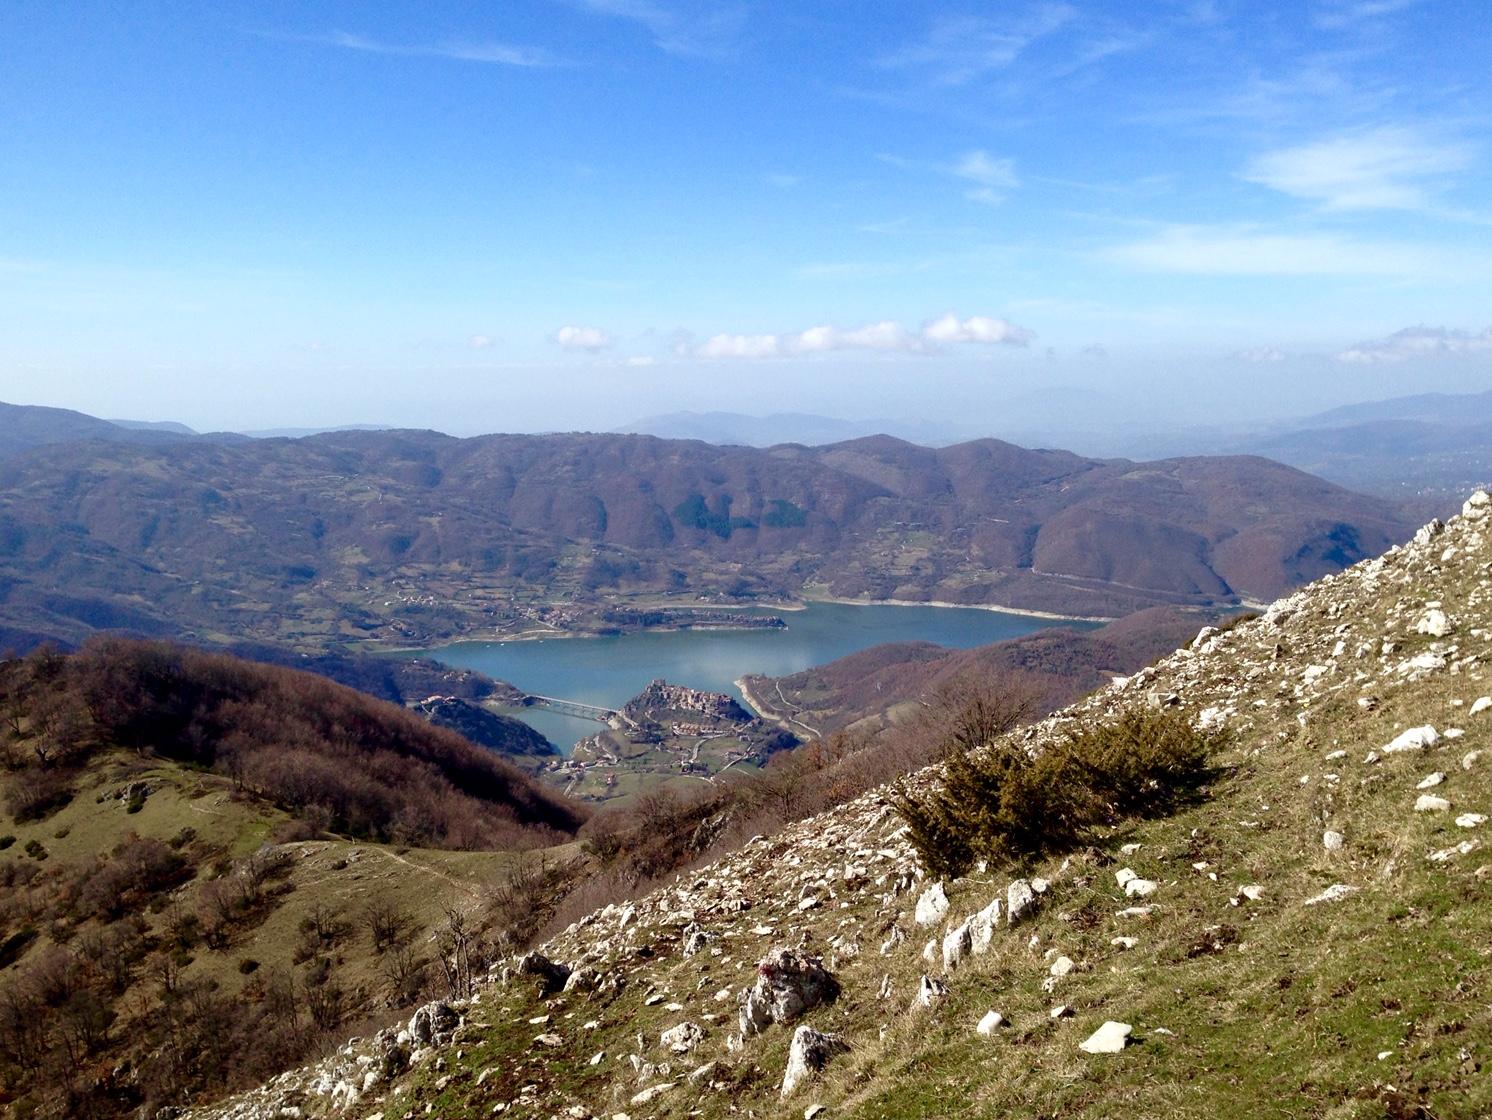 Anello del Monte Navegna @ Monti Carseolani - Riserva Naturale Monte Navegna e Cervia